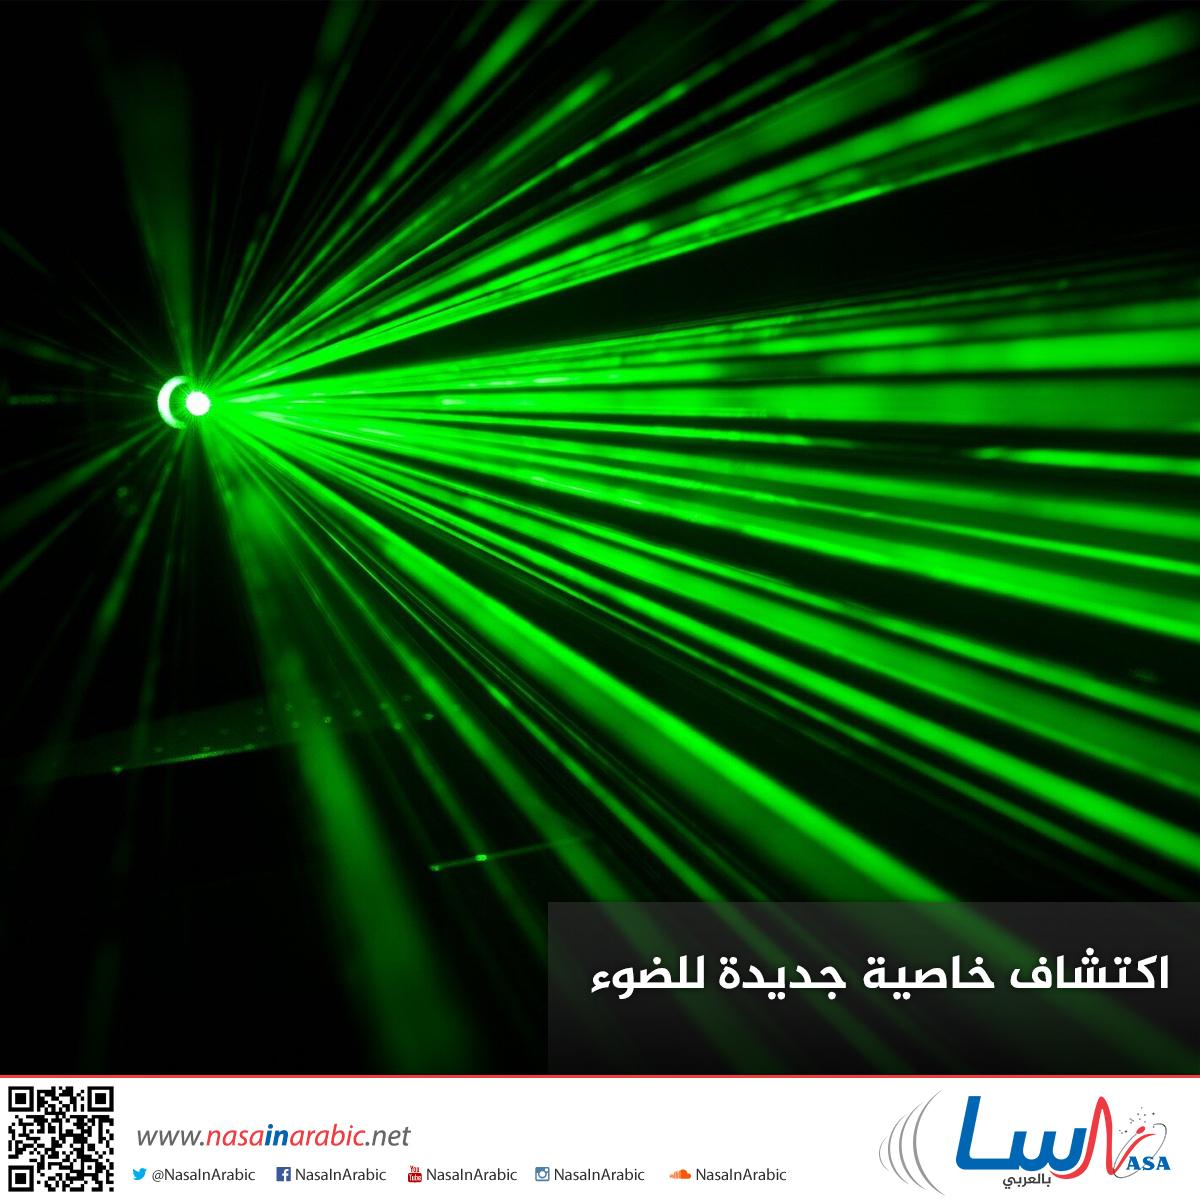 اكتشاف خاصية جديدة للضوء